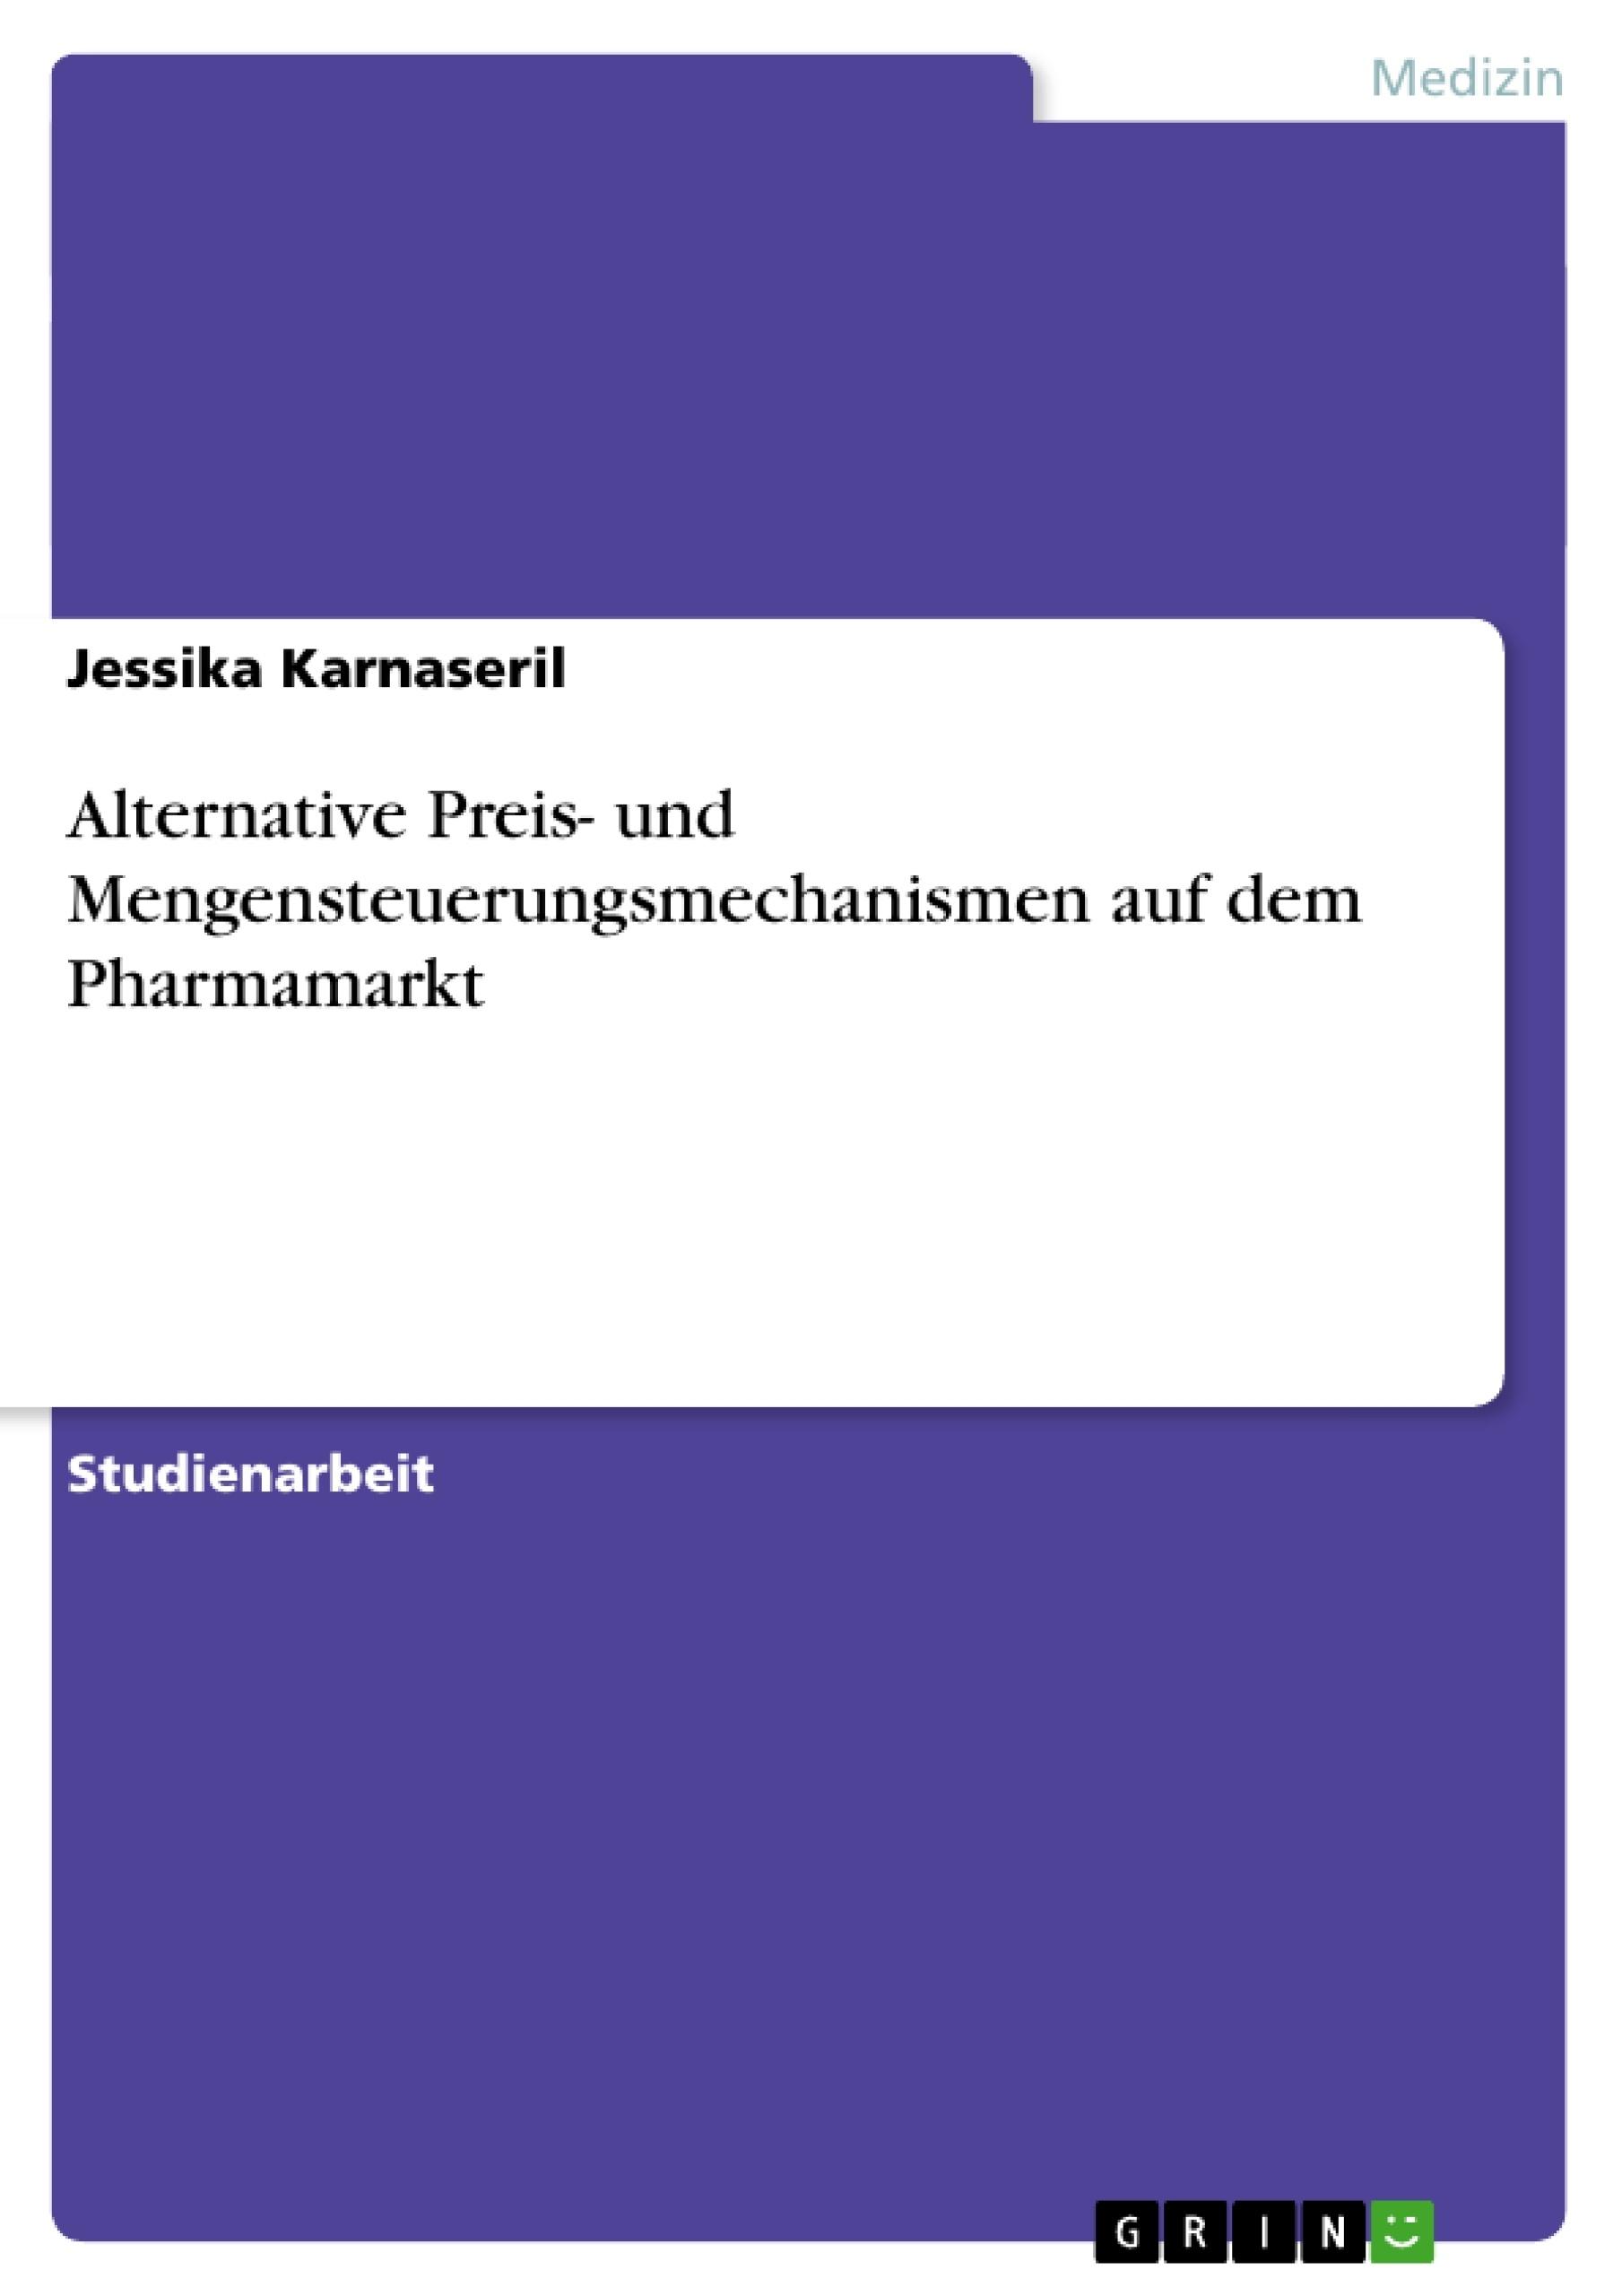 Titel: Alternative Preis- und Mengensteuerungsmechanismen auf dem Pharmamarkt